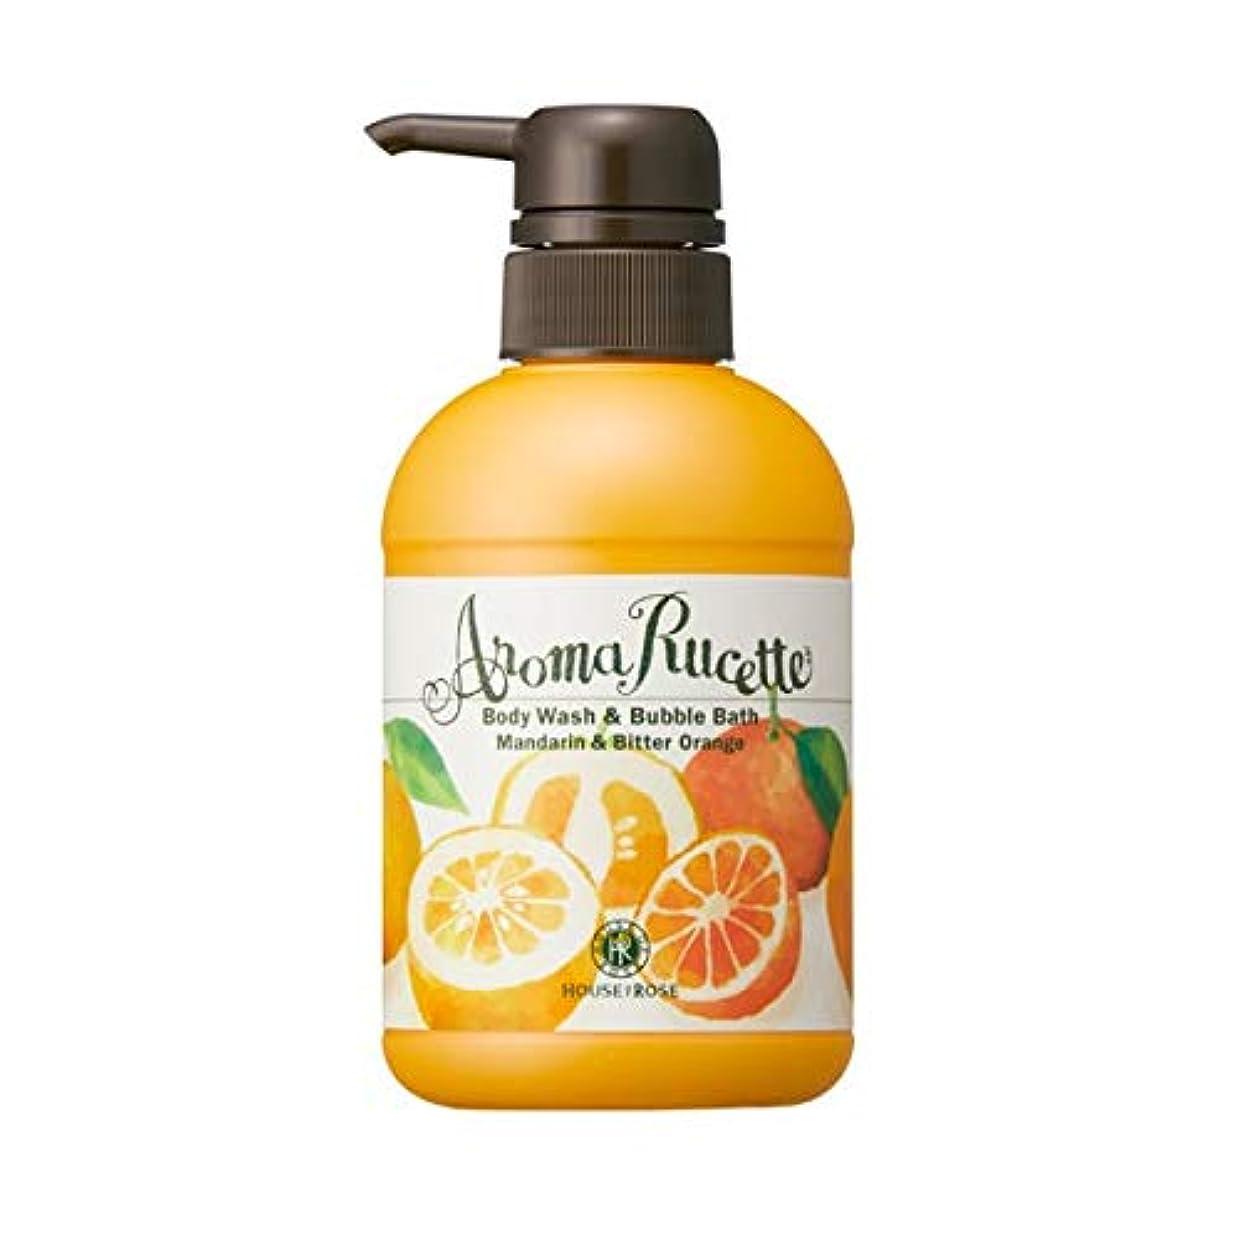 代替案検索エンジン最適化退却HOUSE OF ROSE(ハウスオブローゼ) ハウスオブローゼ/アロマルセット ボディウォッシュ&バブルバス MD&BO(マンダリン&ビターオレンジの香り)350mL